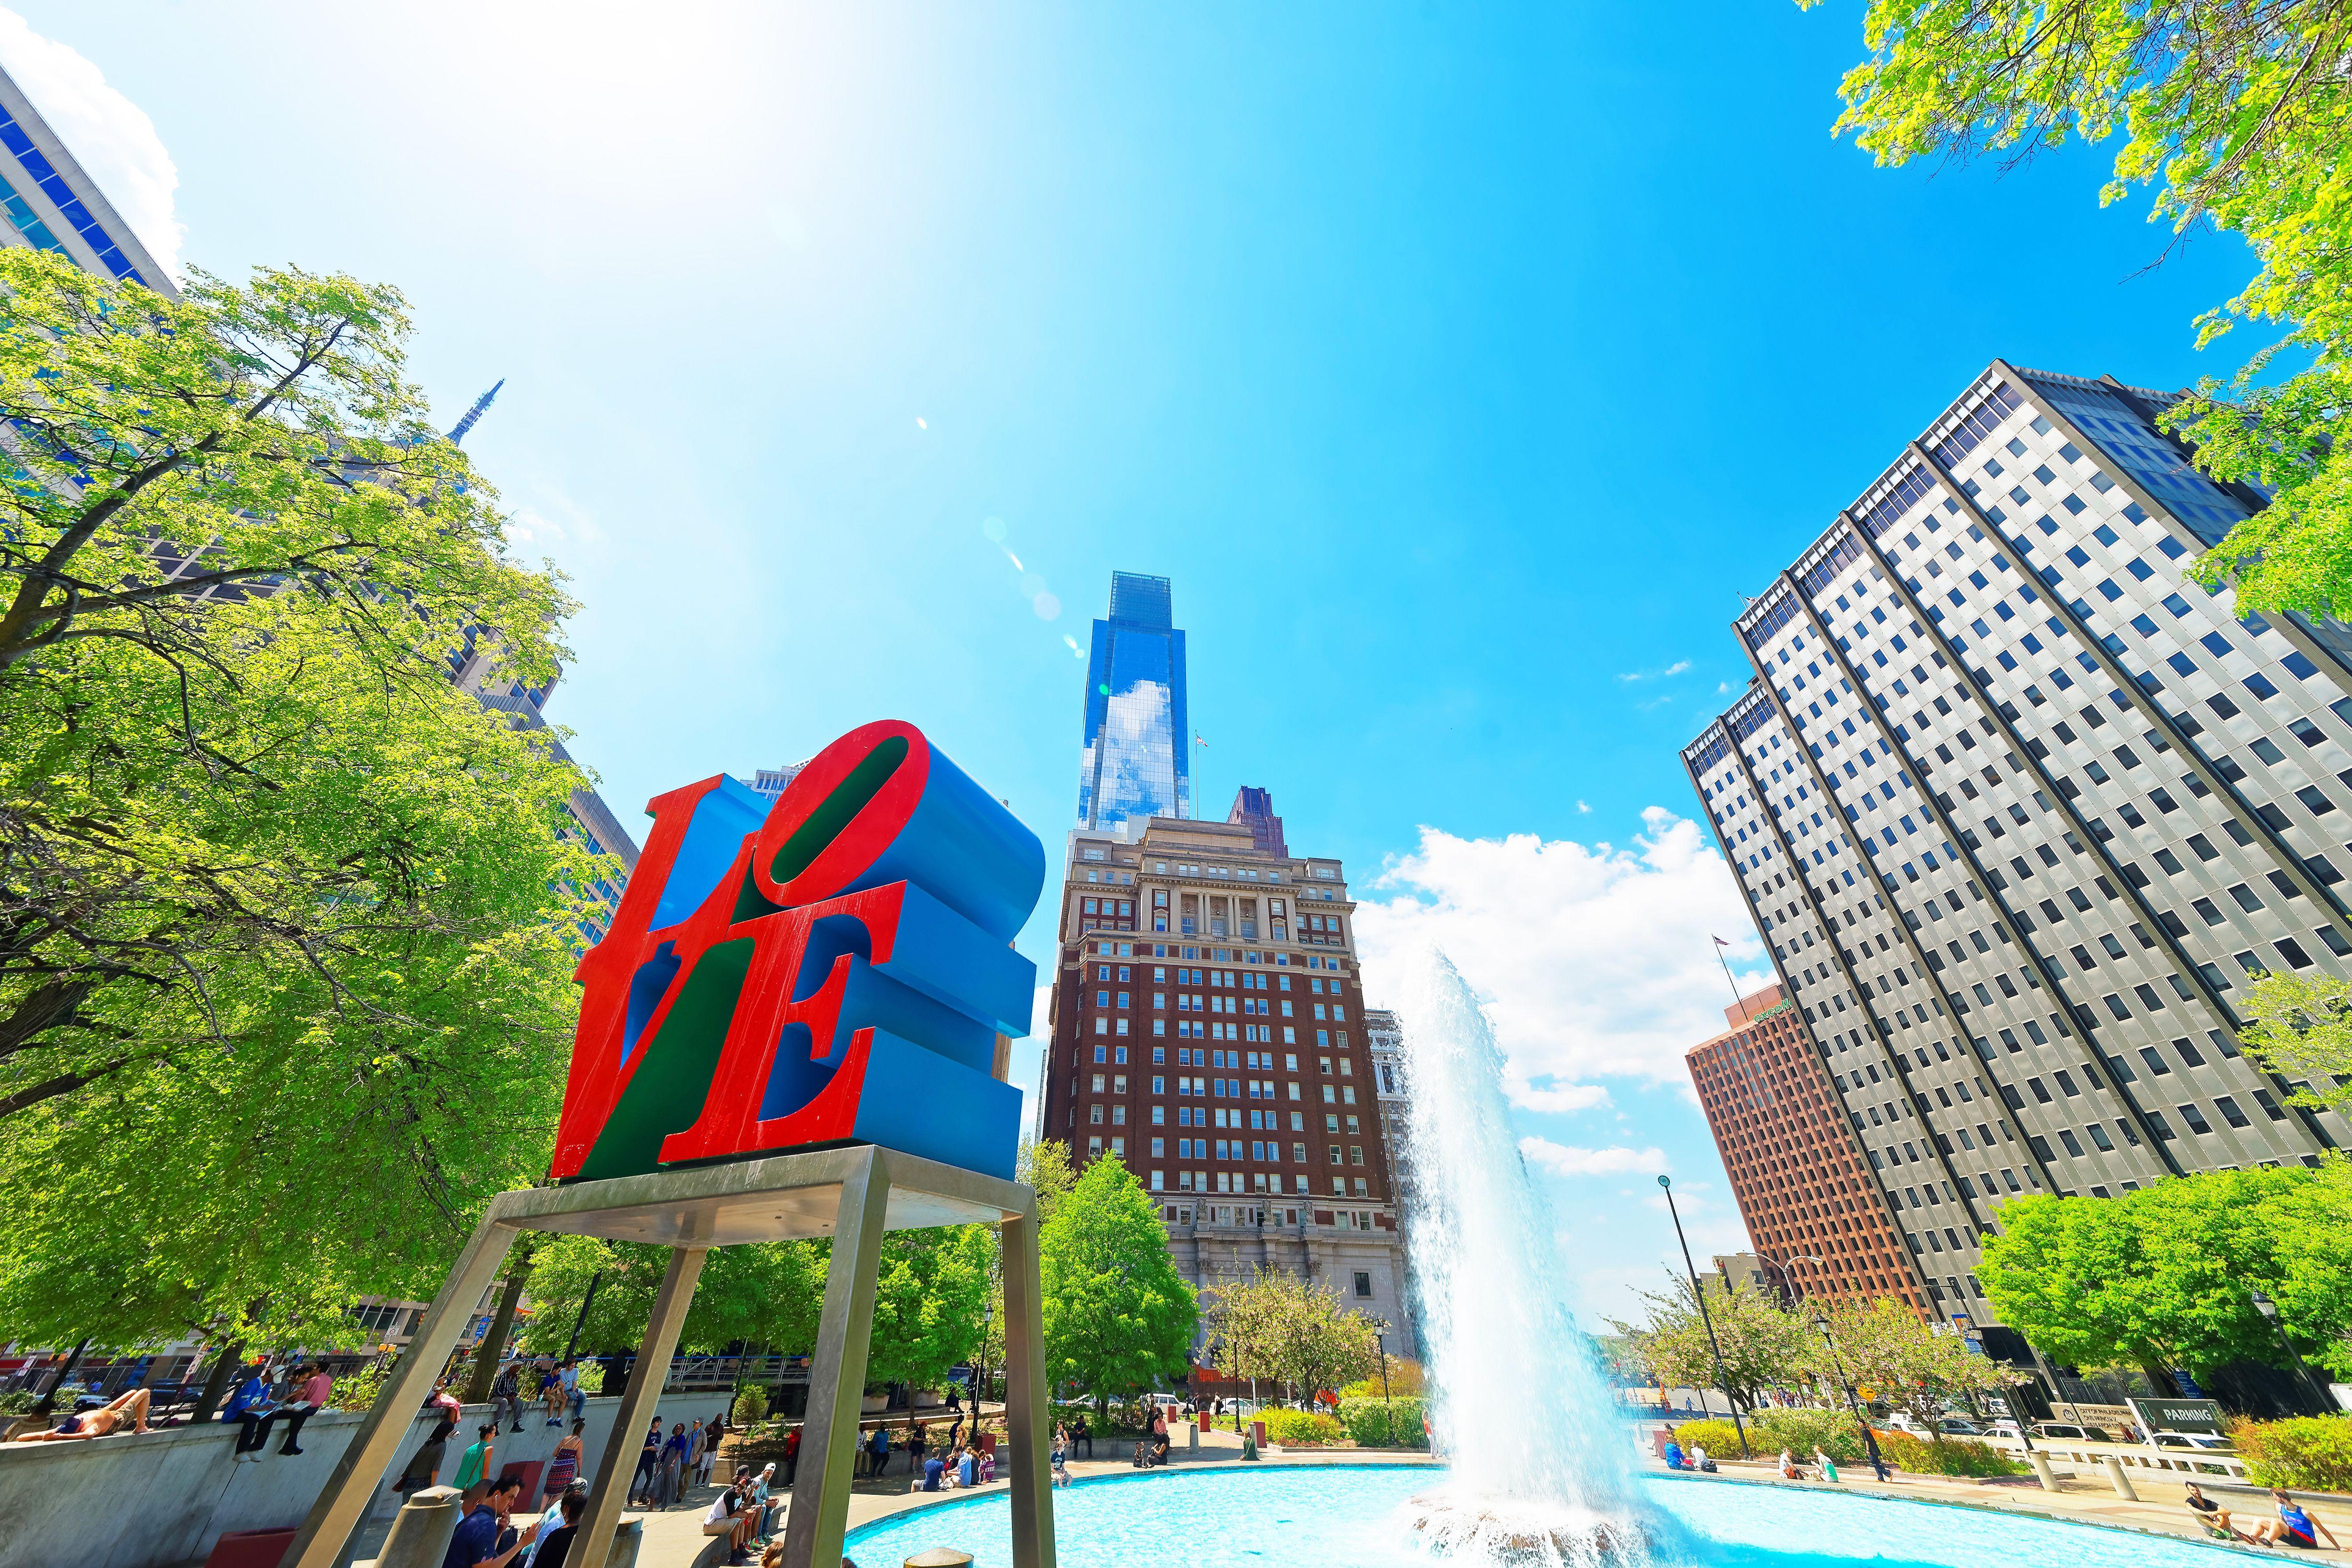 Love sculpture in Love Park in Philadelphia, Pennsylvania